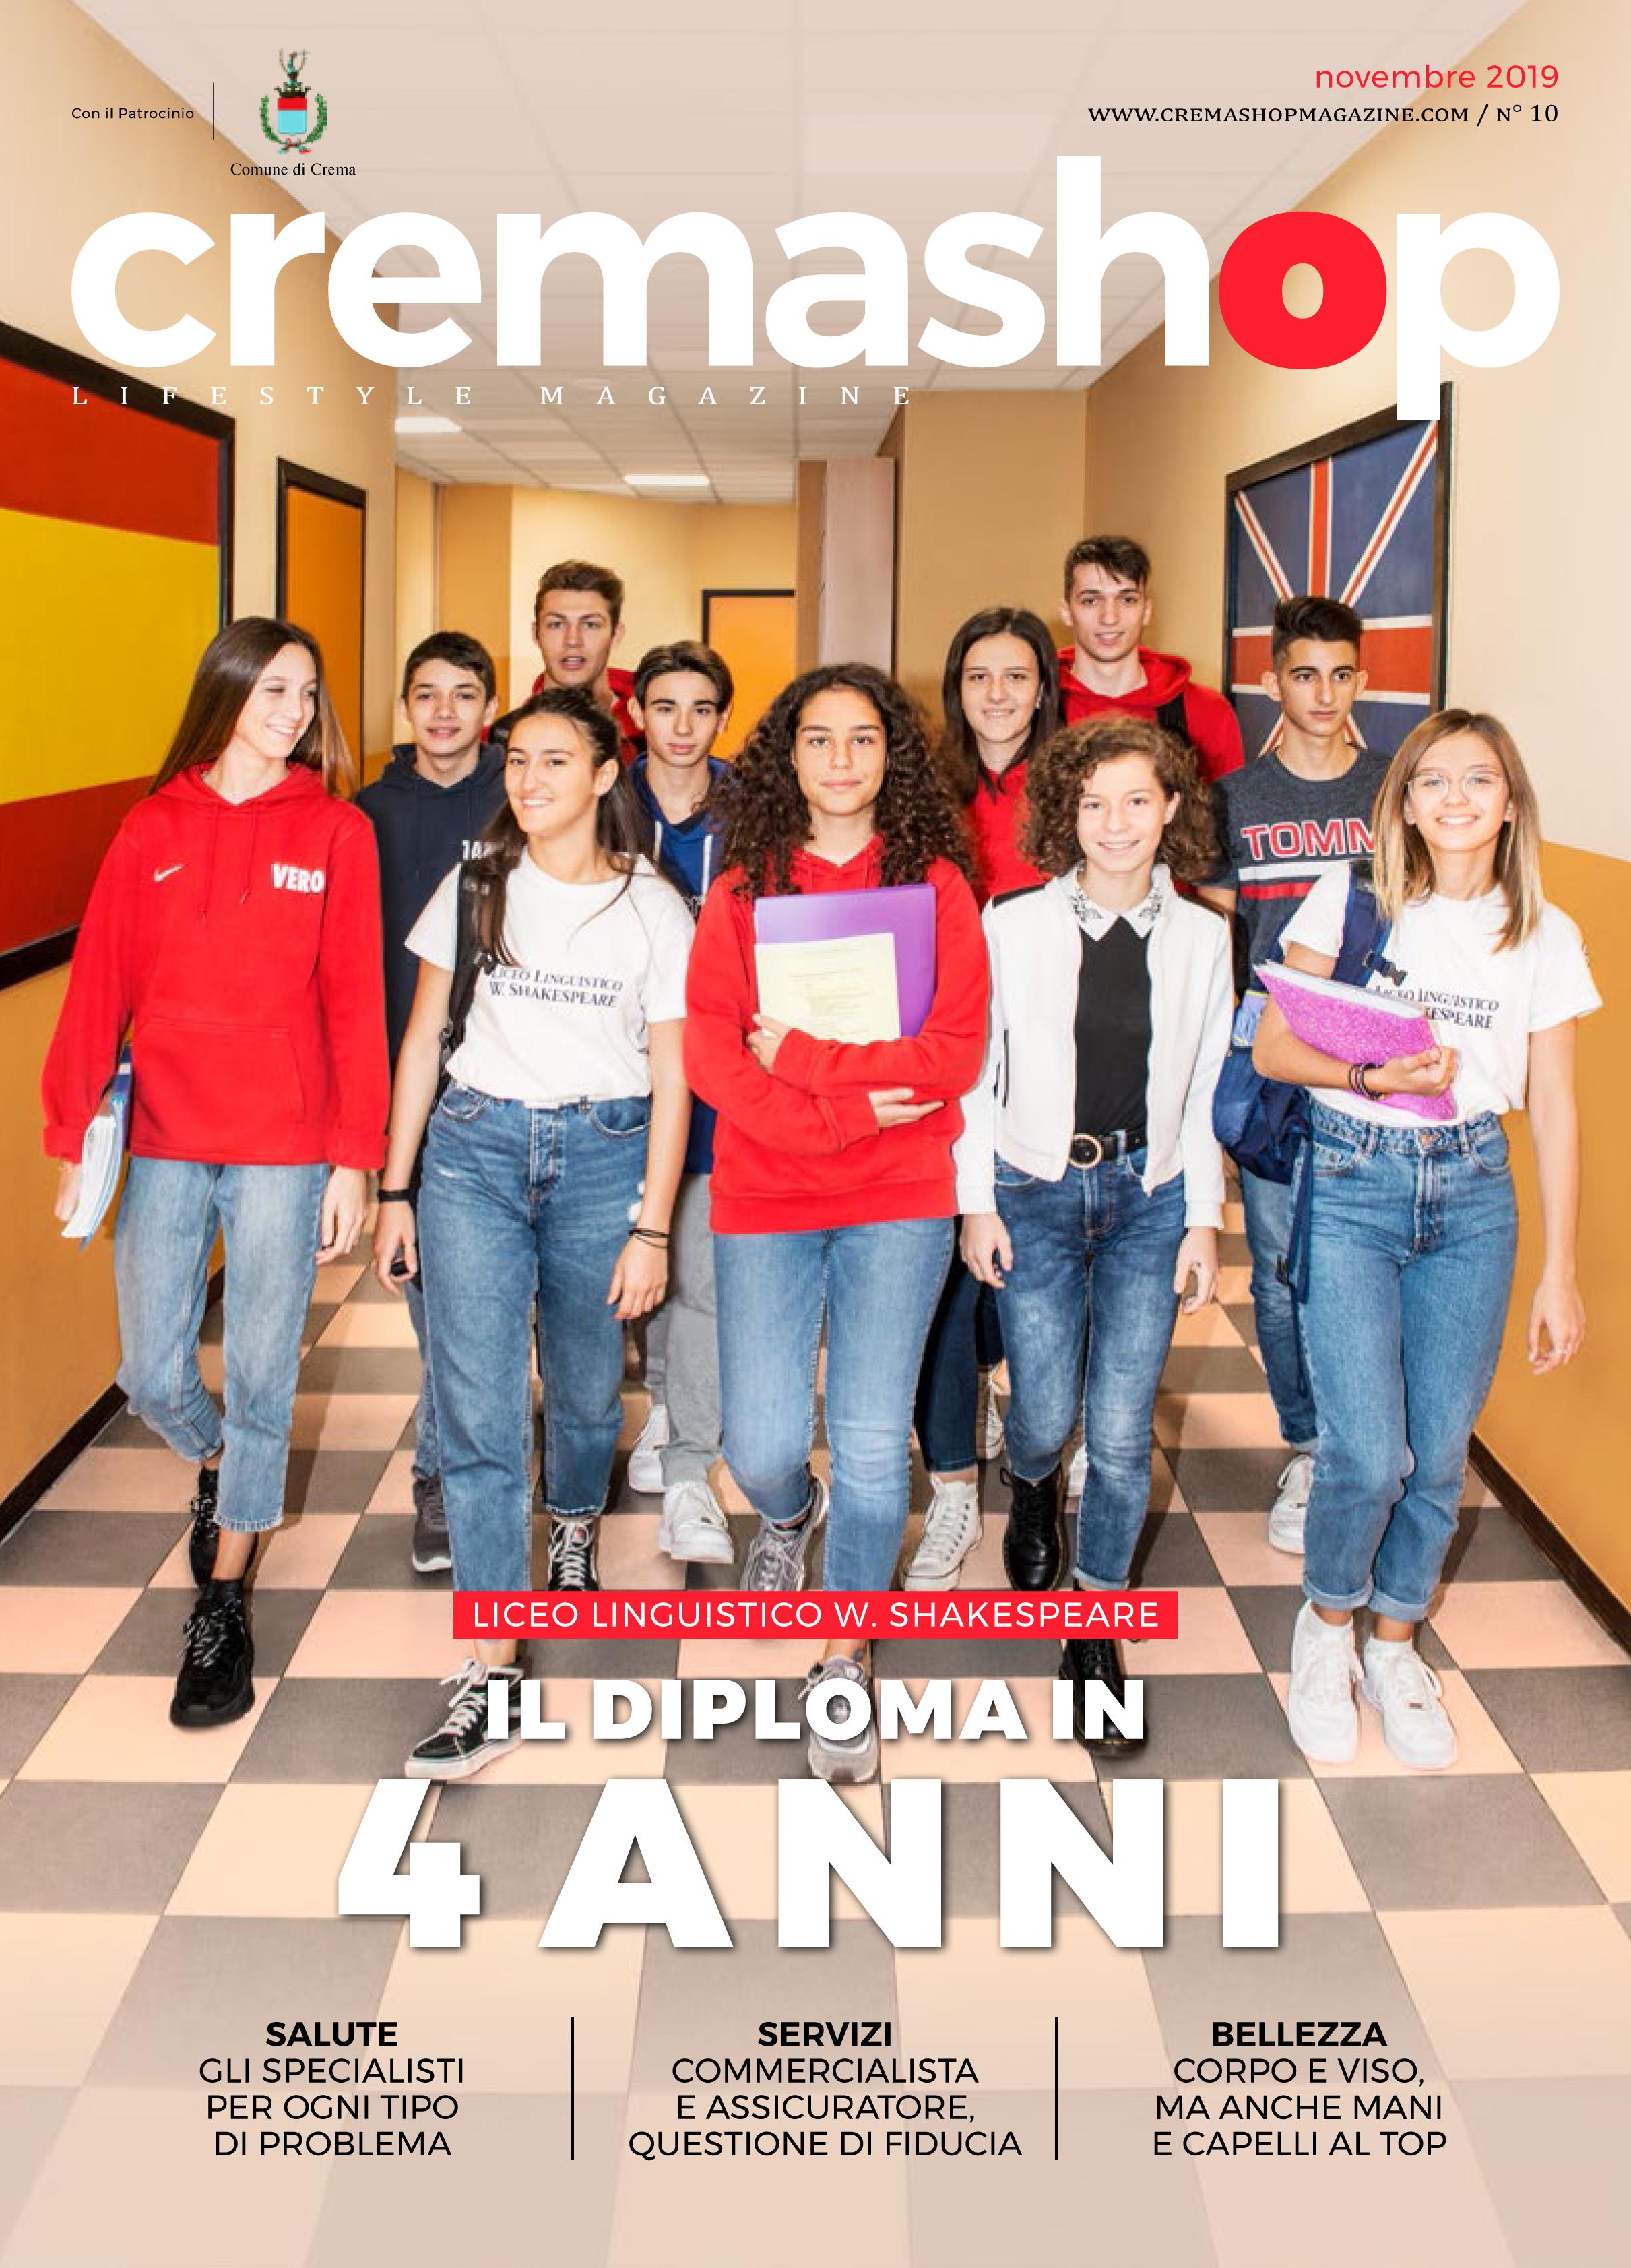 cremashop magazine novembre crema liceo linguistico shakespeare scuola diploma cremasco